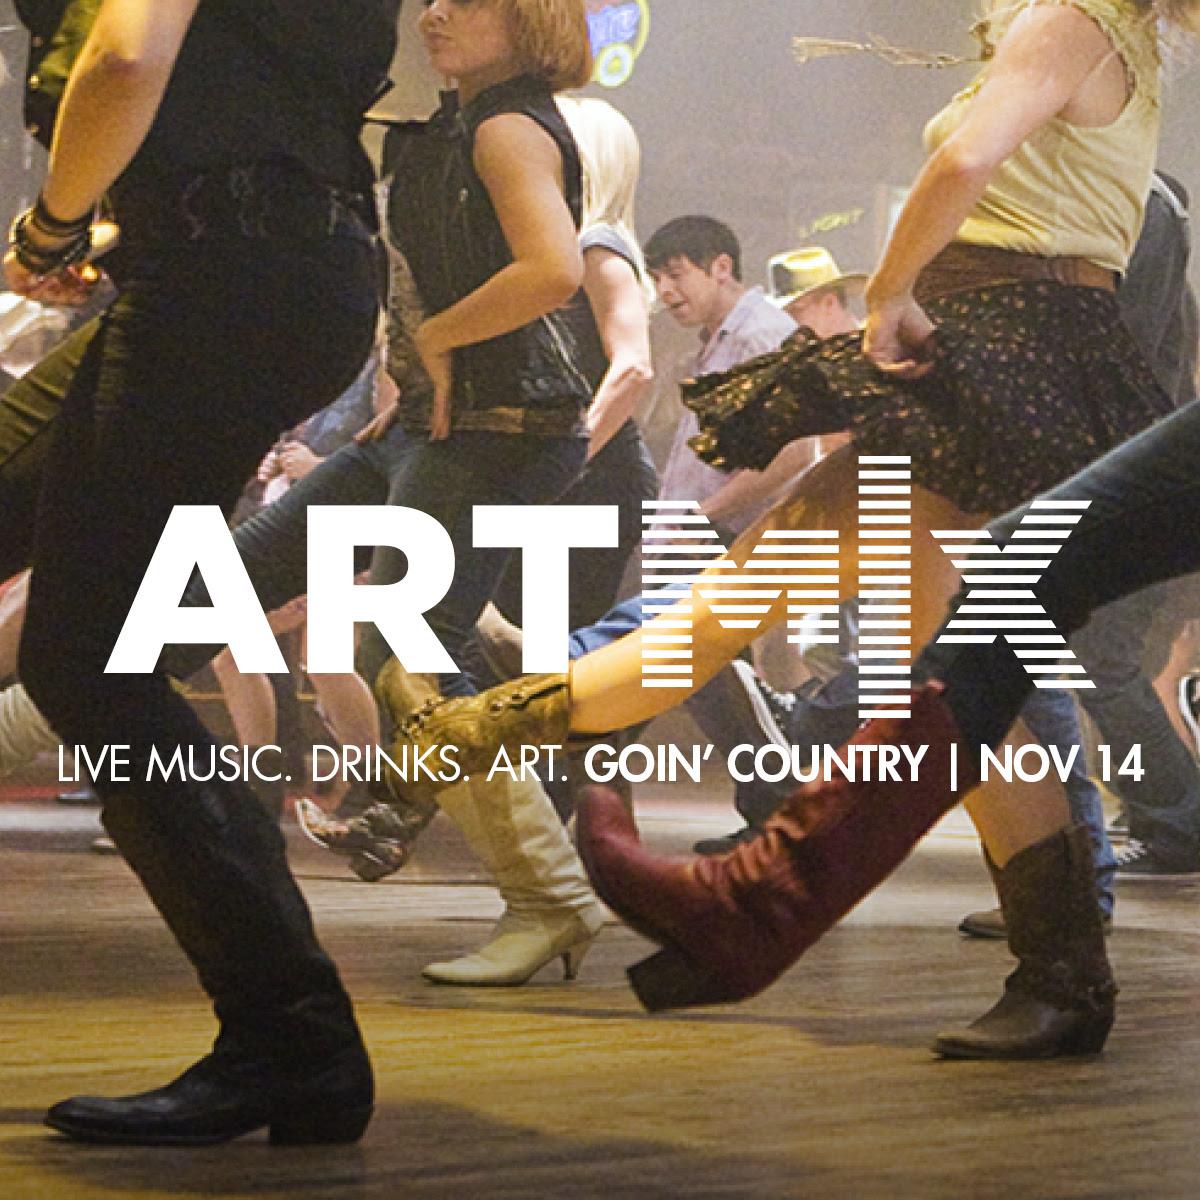 ArtMix / Goin' Country @ Crocker Museum